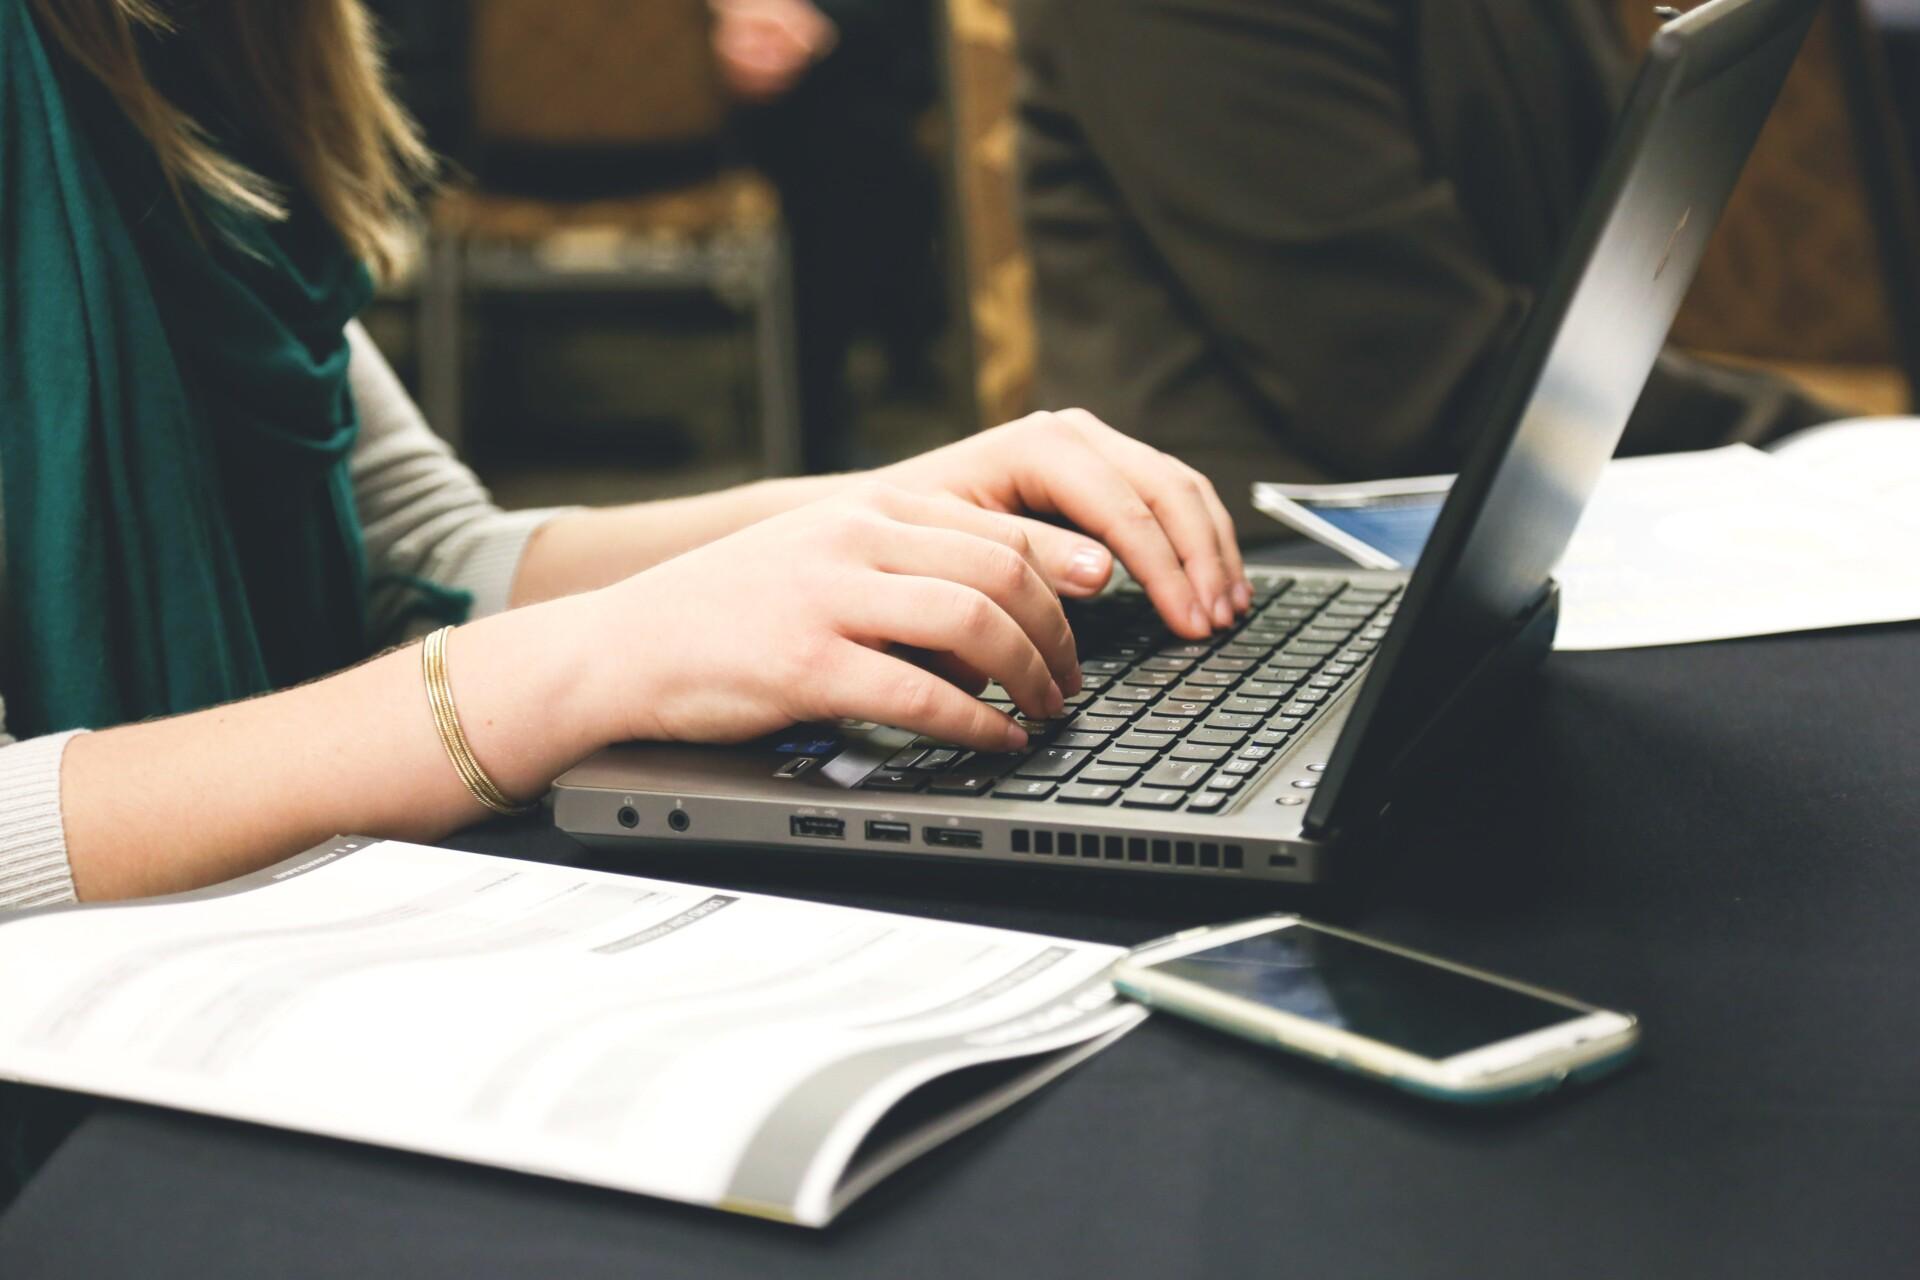 woman-typing-writing-coding-laptop